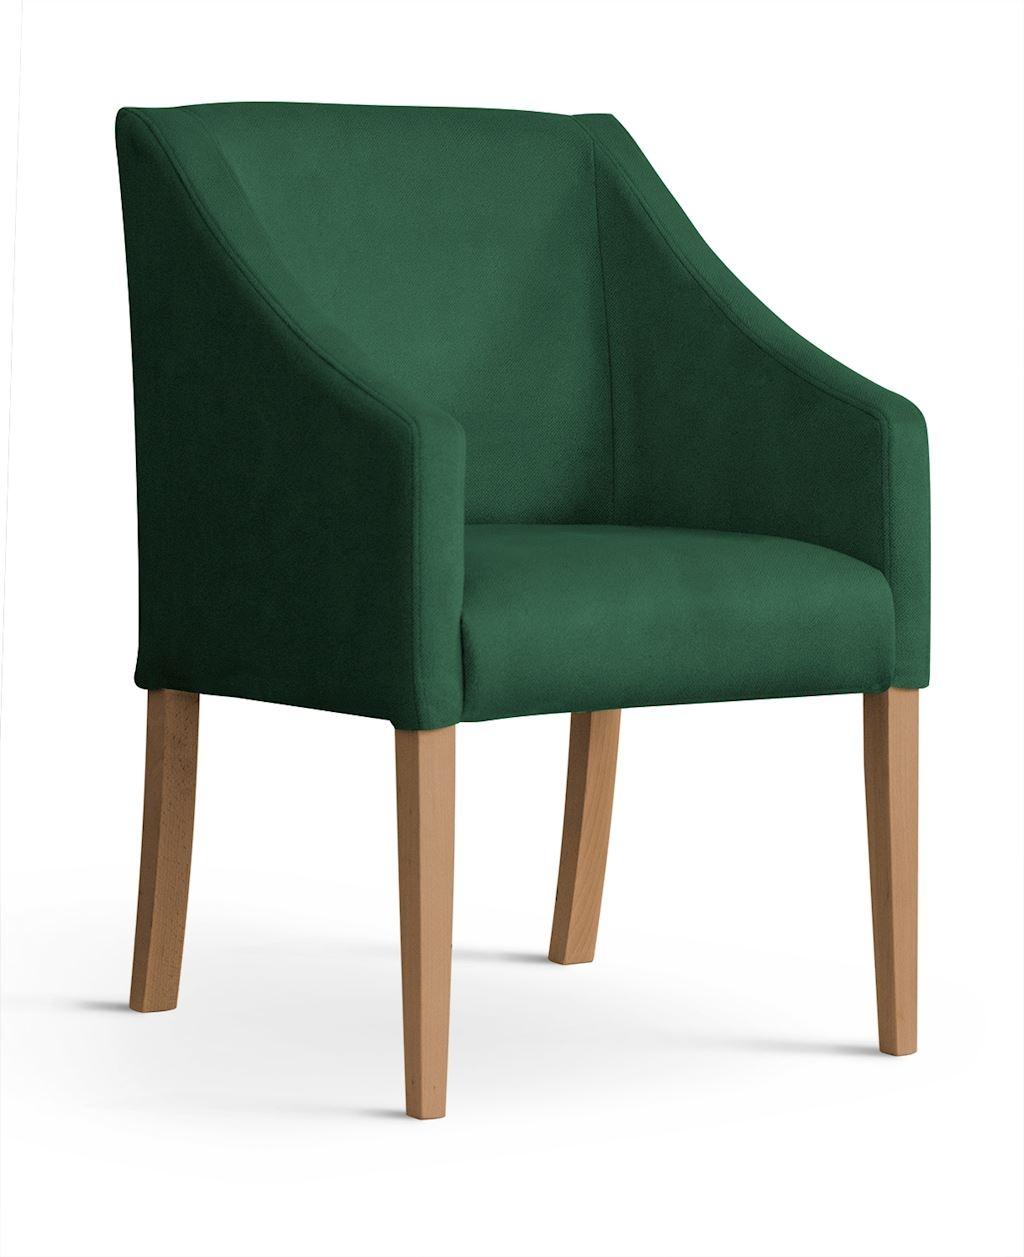 Fotoliu fix tapitat cu stofa, cu picioare din lemn Capri Green / Oak, l58xA60xH89 cm